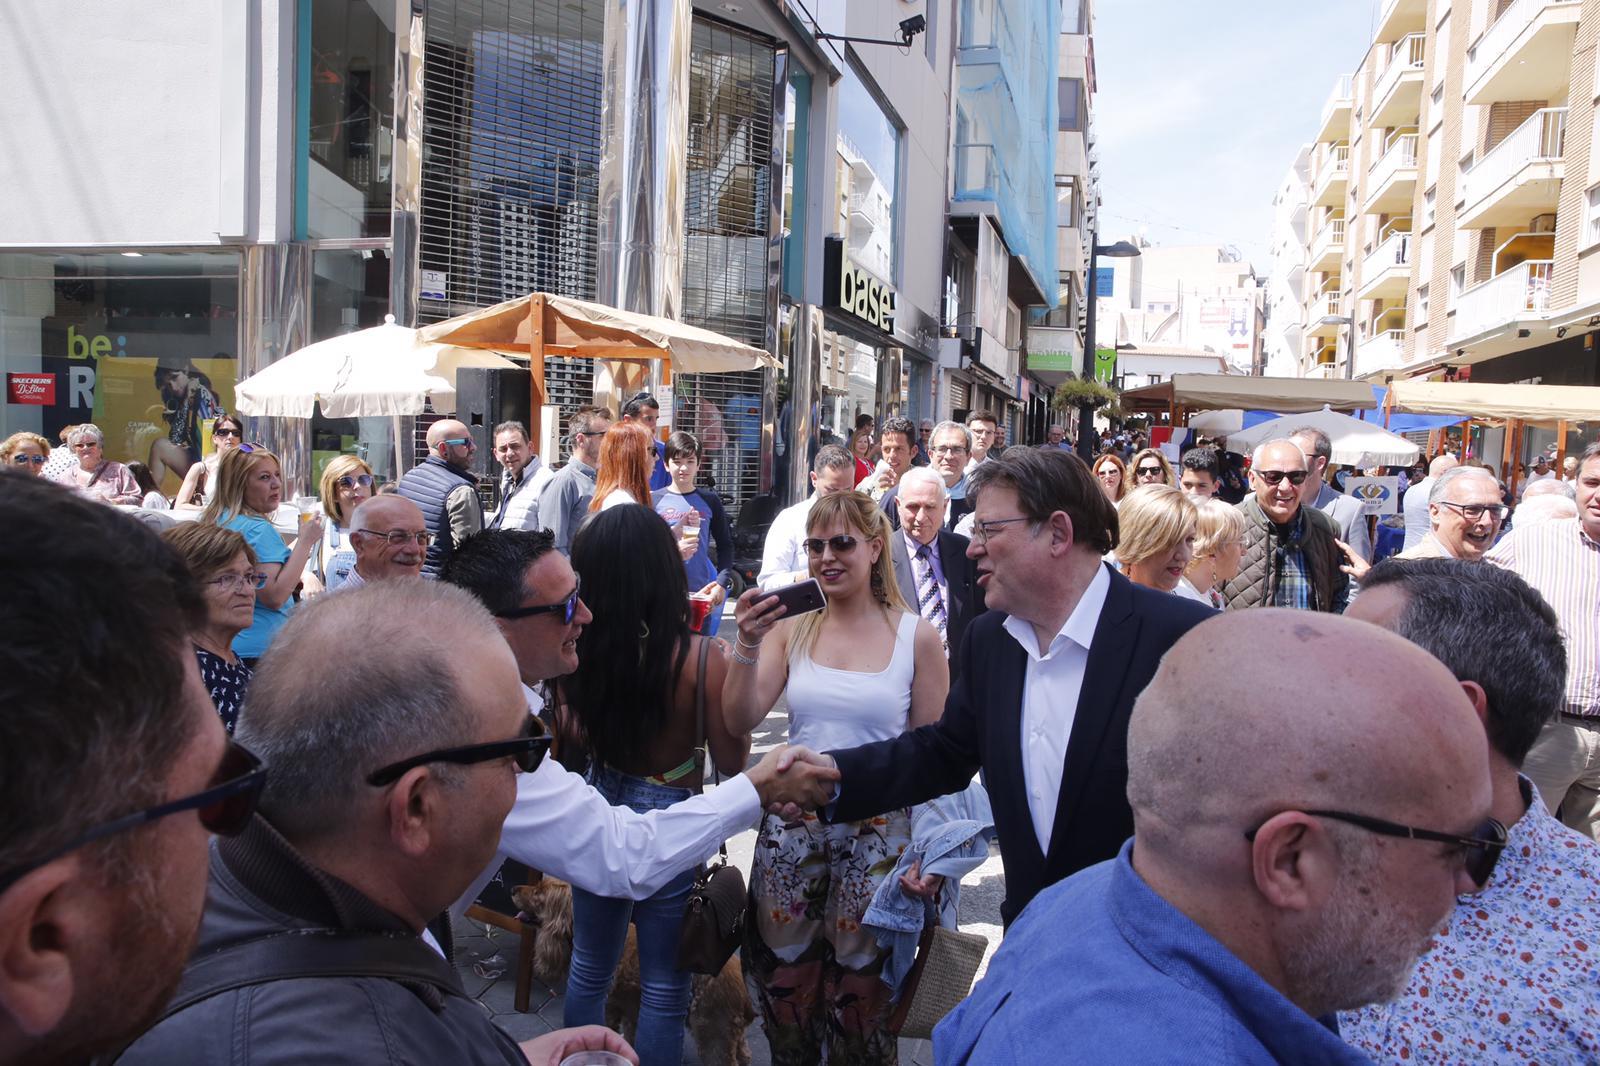 """Ximo Puig: """"El turisme ha d'avançar en innovació, sostenibilitat i la qualitat, i ho farem a partir de la cogestió amb el sector"""""""